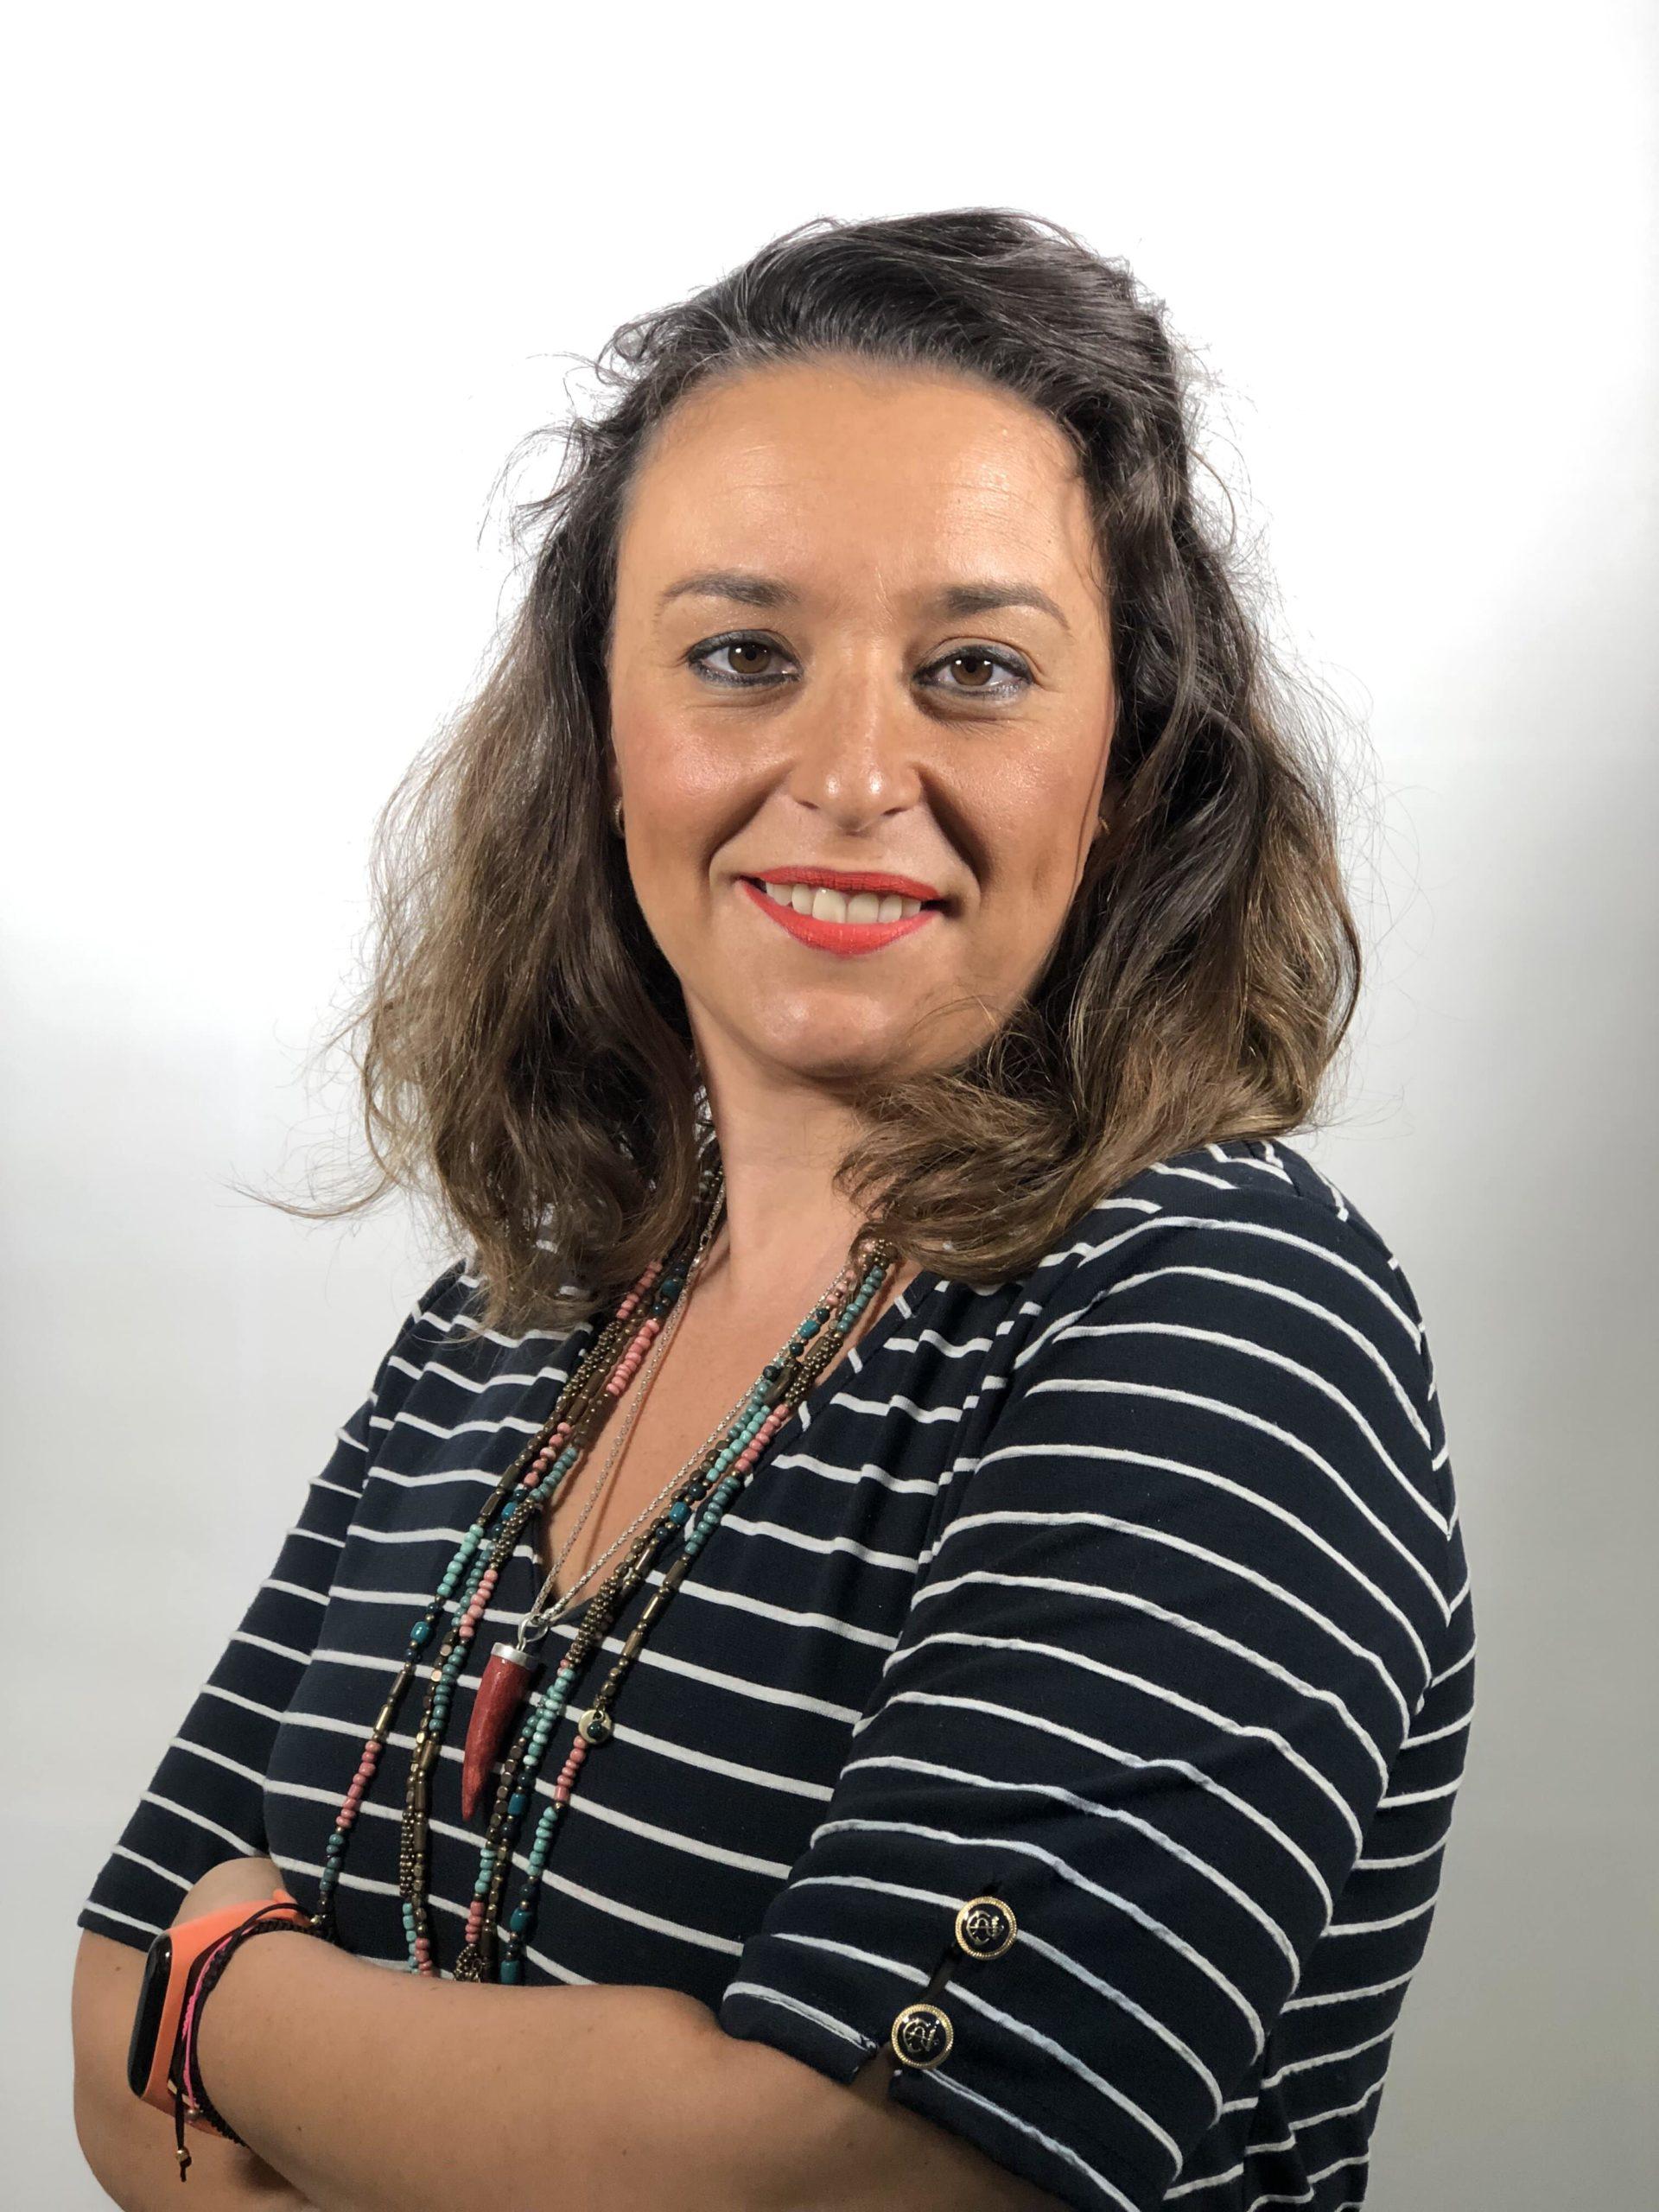 MARÍA TRIGUEROS RAMIREZ